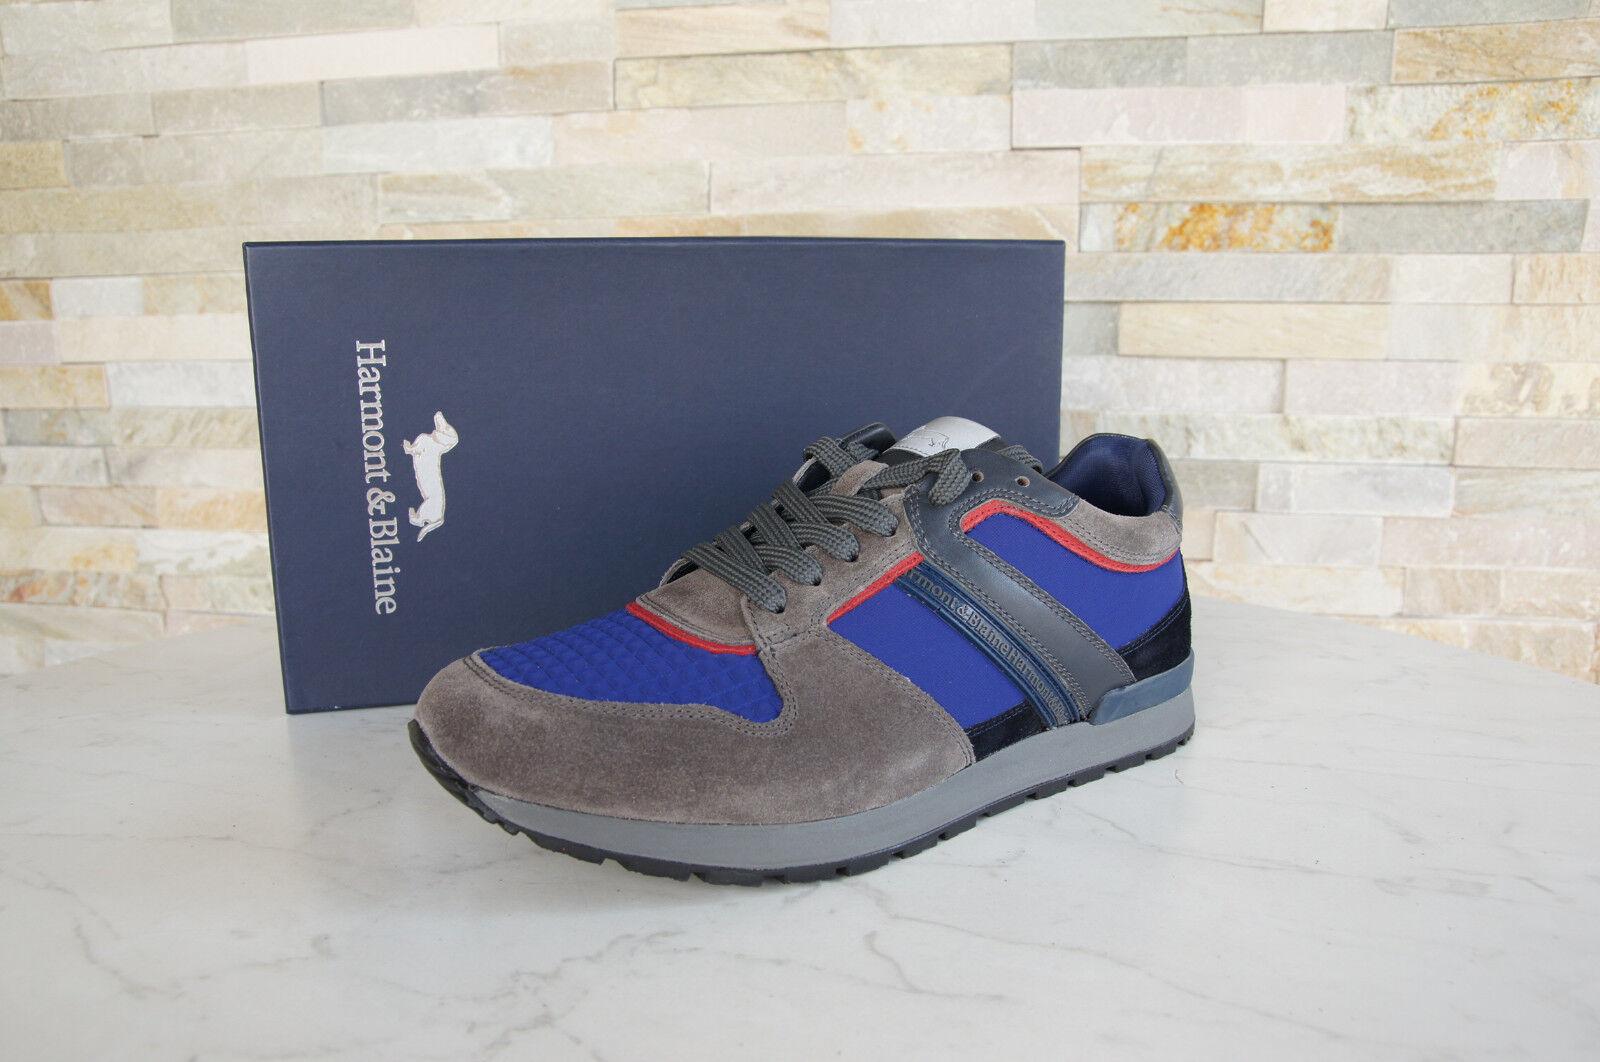 Harmont & Blaine 43 Chaussures de Sport Basses Chaussures Multicolore Neuf